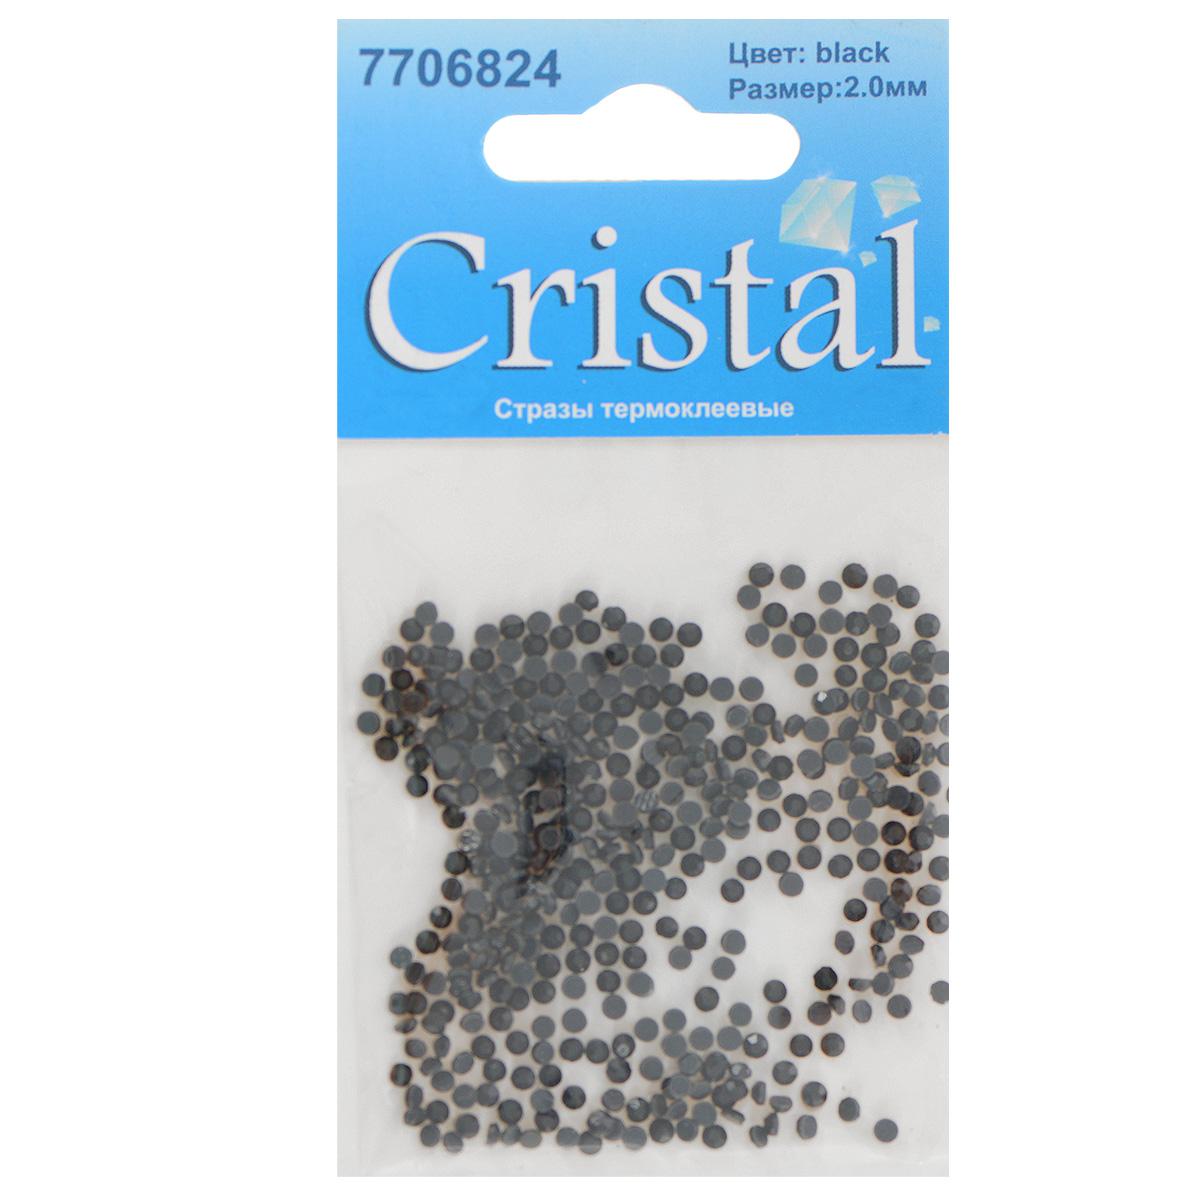 Стразы термоклеевые Cristal, цвет: черный, диаметр 2 мм, 432 шт09840-20.000.00Набор термоклеевых страз Cristal, изготовленный из высококачественного акрила, позволит вам украсить одежду, аксессуары или текстиль. Яркие стразы имеют плоское дно и круглую поверхность с гранями.Дно термоклеевых страз уже обработано особым клеем, который под воздействием высоких температур начинает плавиться, приклеиваясь, таким образом, к требуемой поверхности. Чаще всего их используют в текстильной промышленности: стразы прикладывают к ткани и проглаживают утюгом с обратной стороны. Также можно использовать специальный паяльник. Украшение стразами поможет сделать любую вещь оригинальной и неповторимой. Диаметр страз: 2 мм.